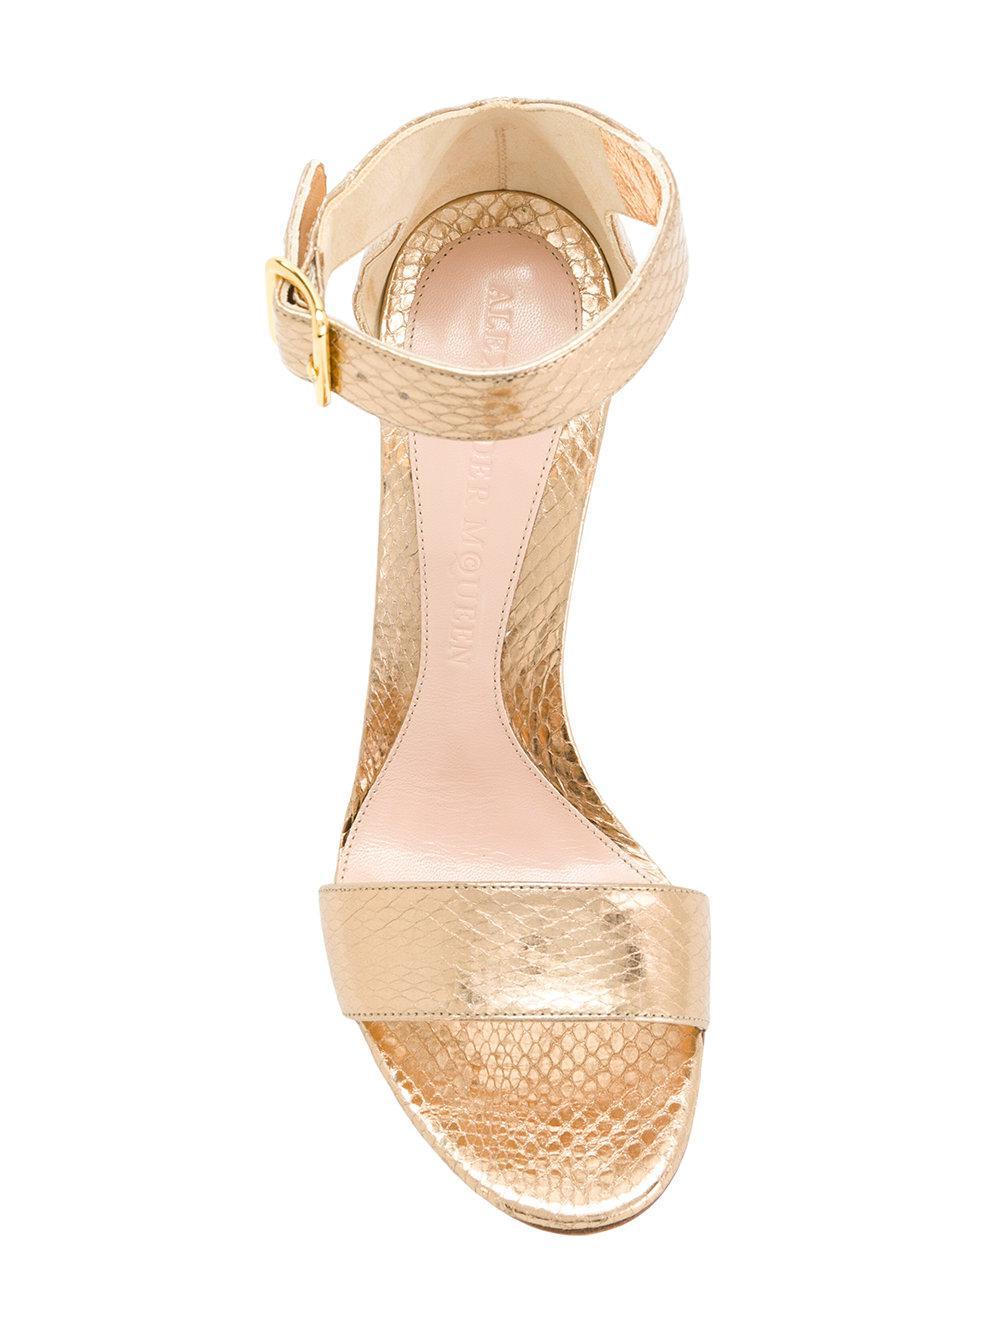 Heart sandals - Metallic Alexander McQueen 07kZa54